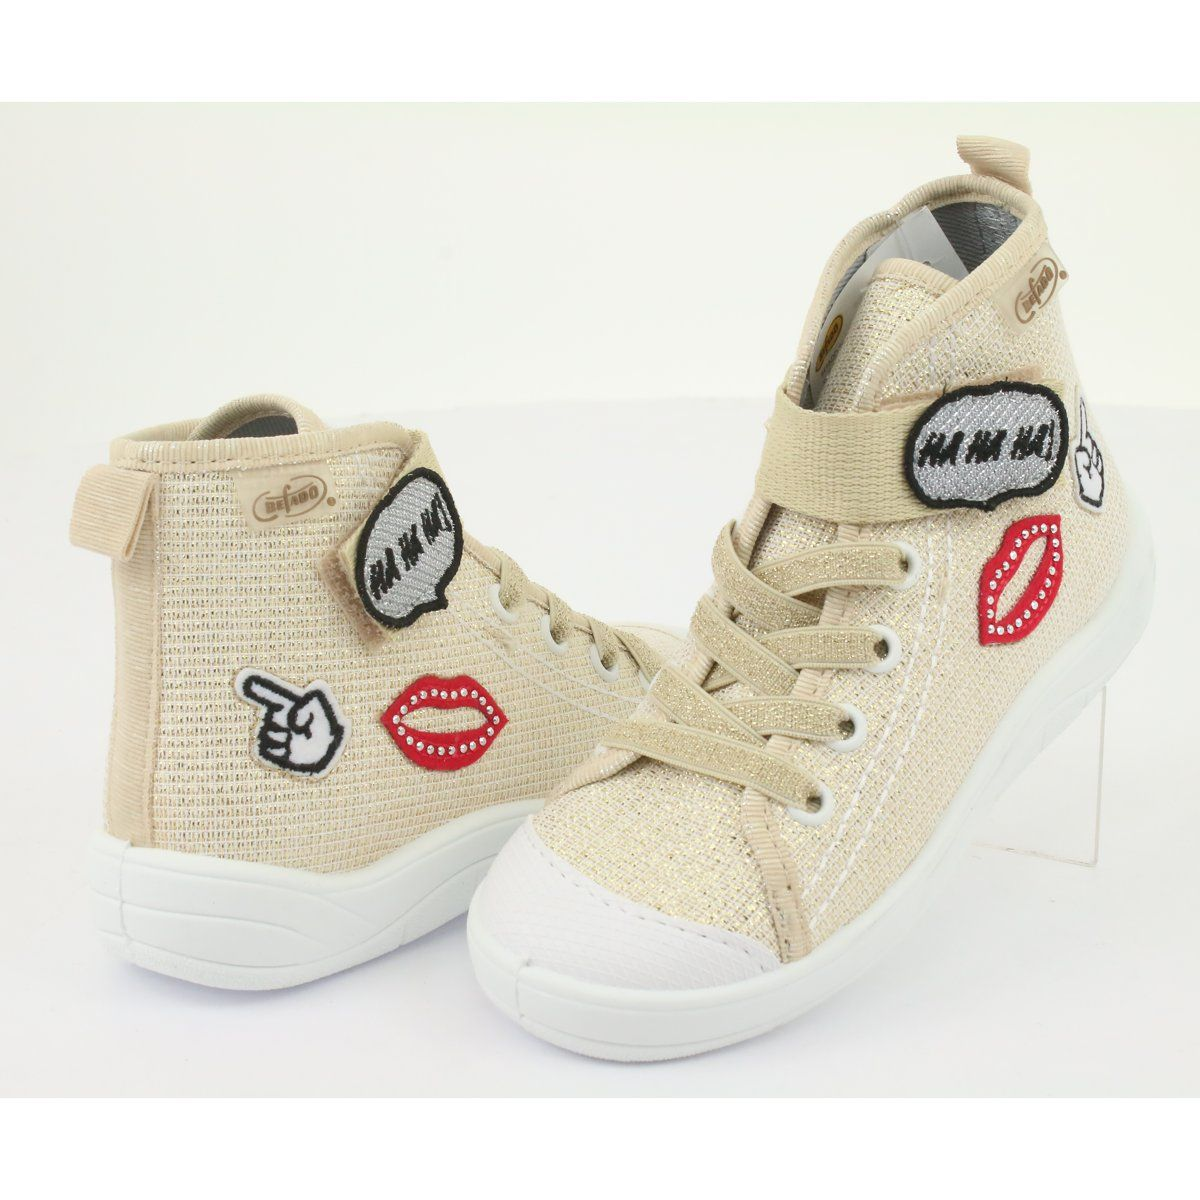 Befado Obuwie Dzieciece 268x069 Brazowe Szare Converse High Top Sneaker High Top Sneakers Converse Chuck Taylor High Top Sneaker